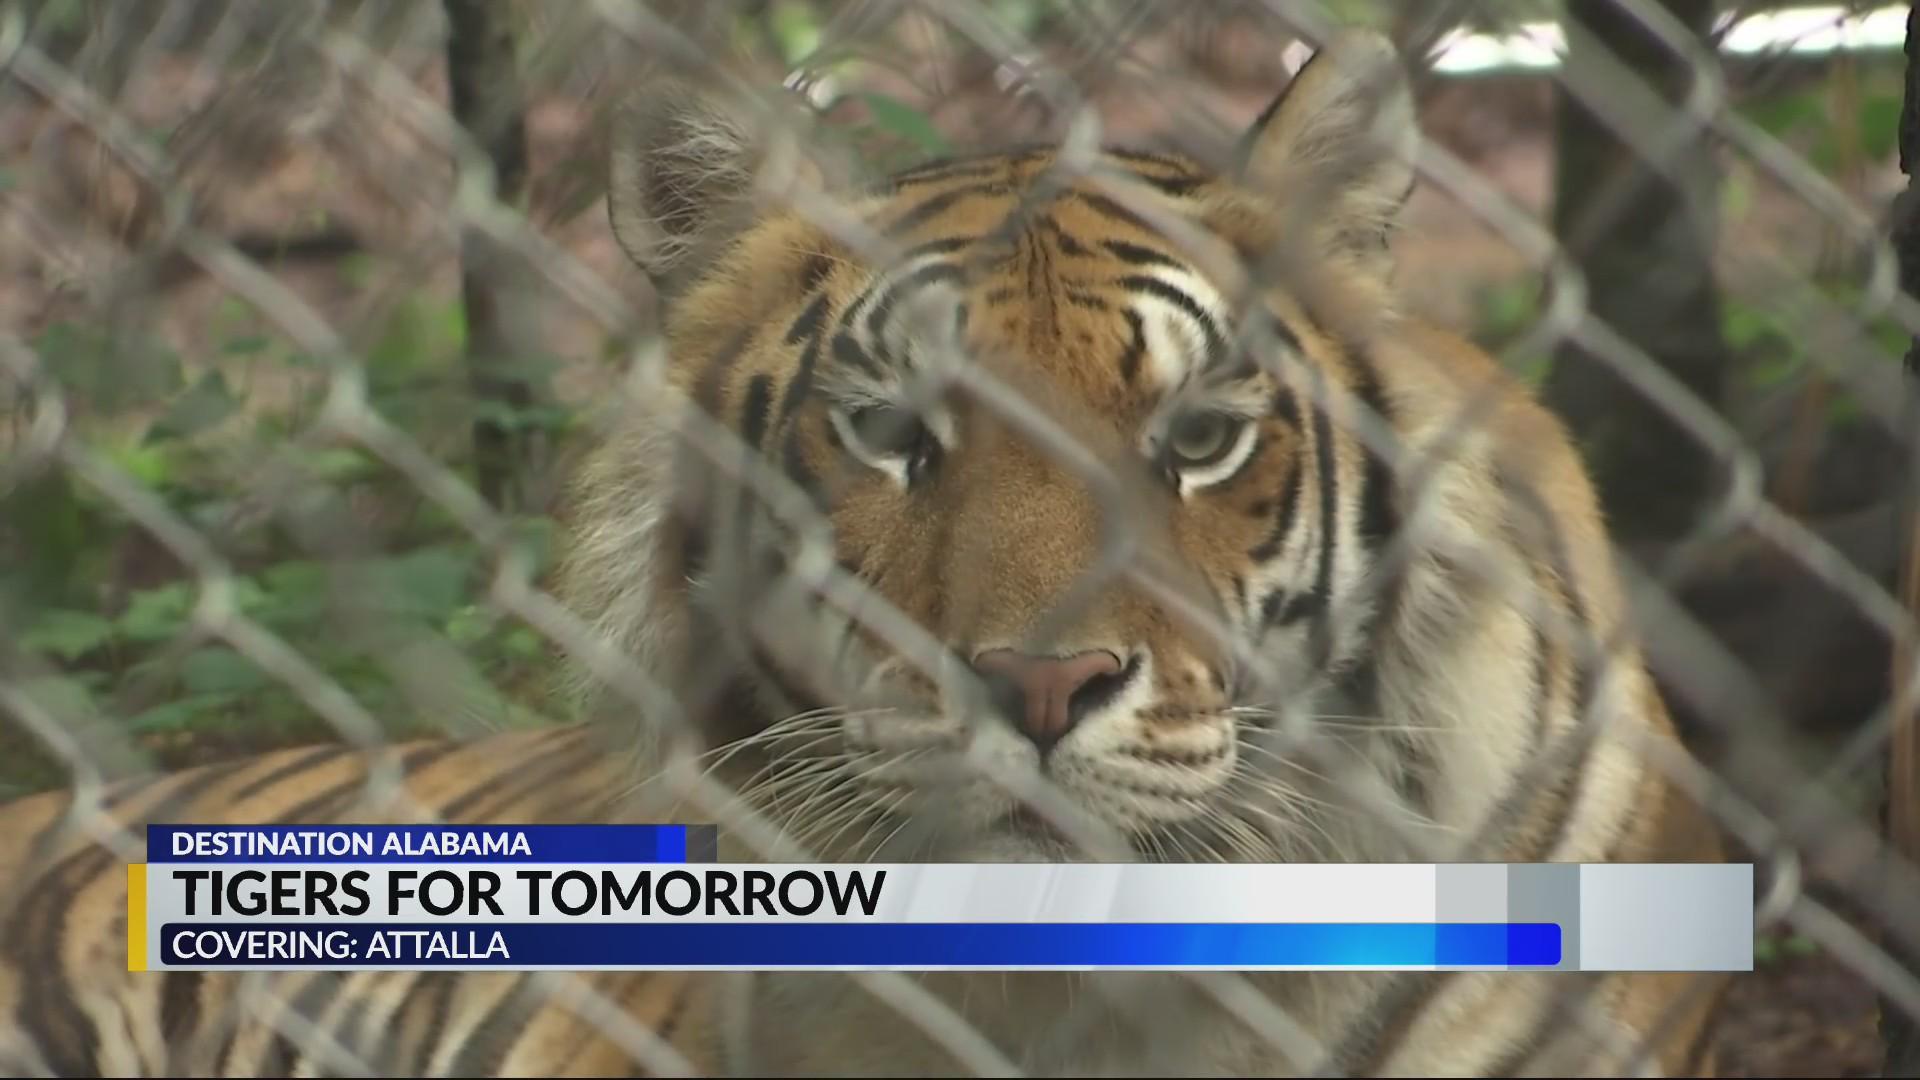 Destination Alabama: Tigers for Tomorrow